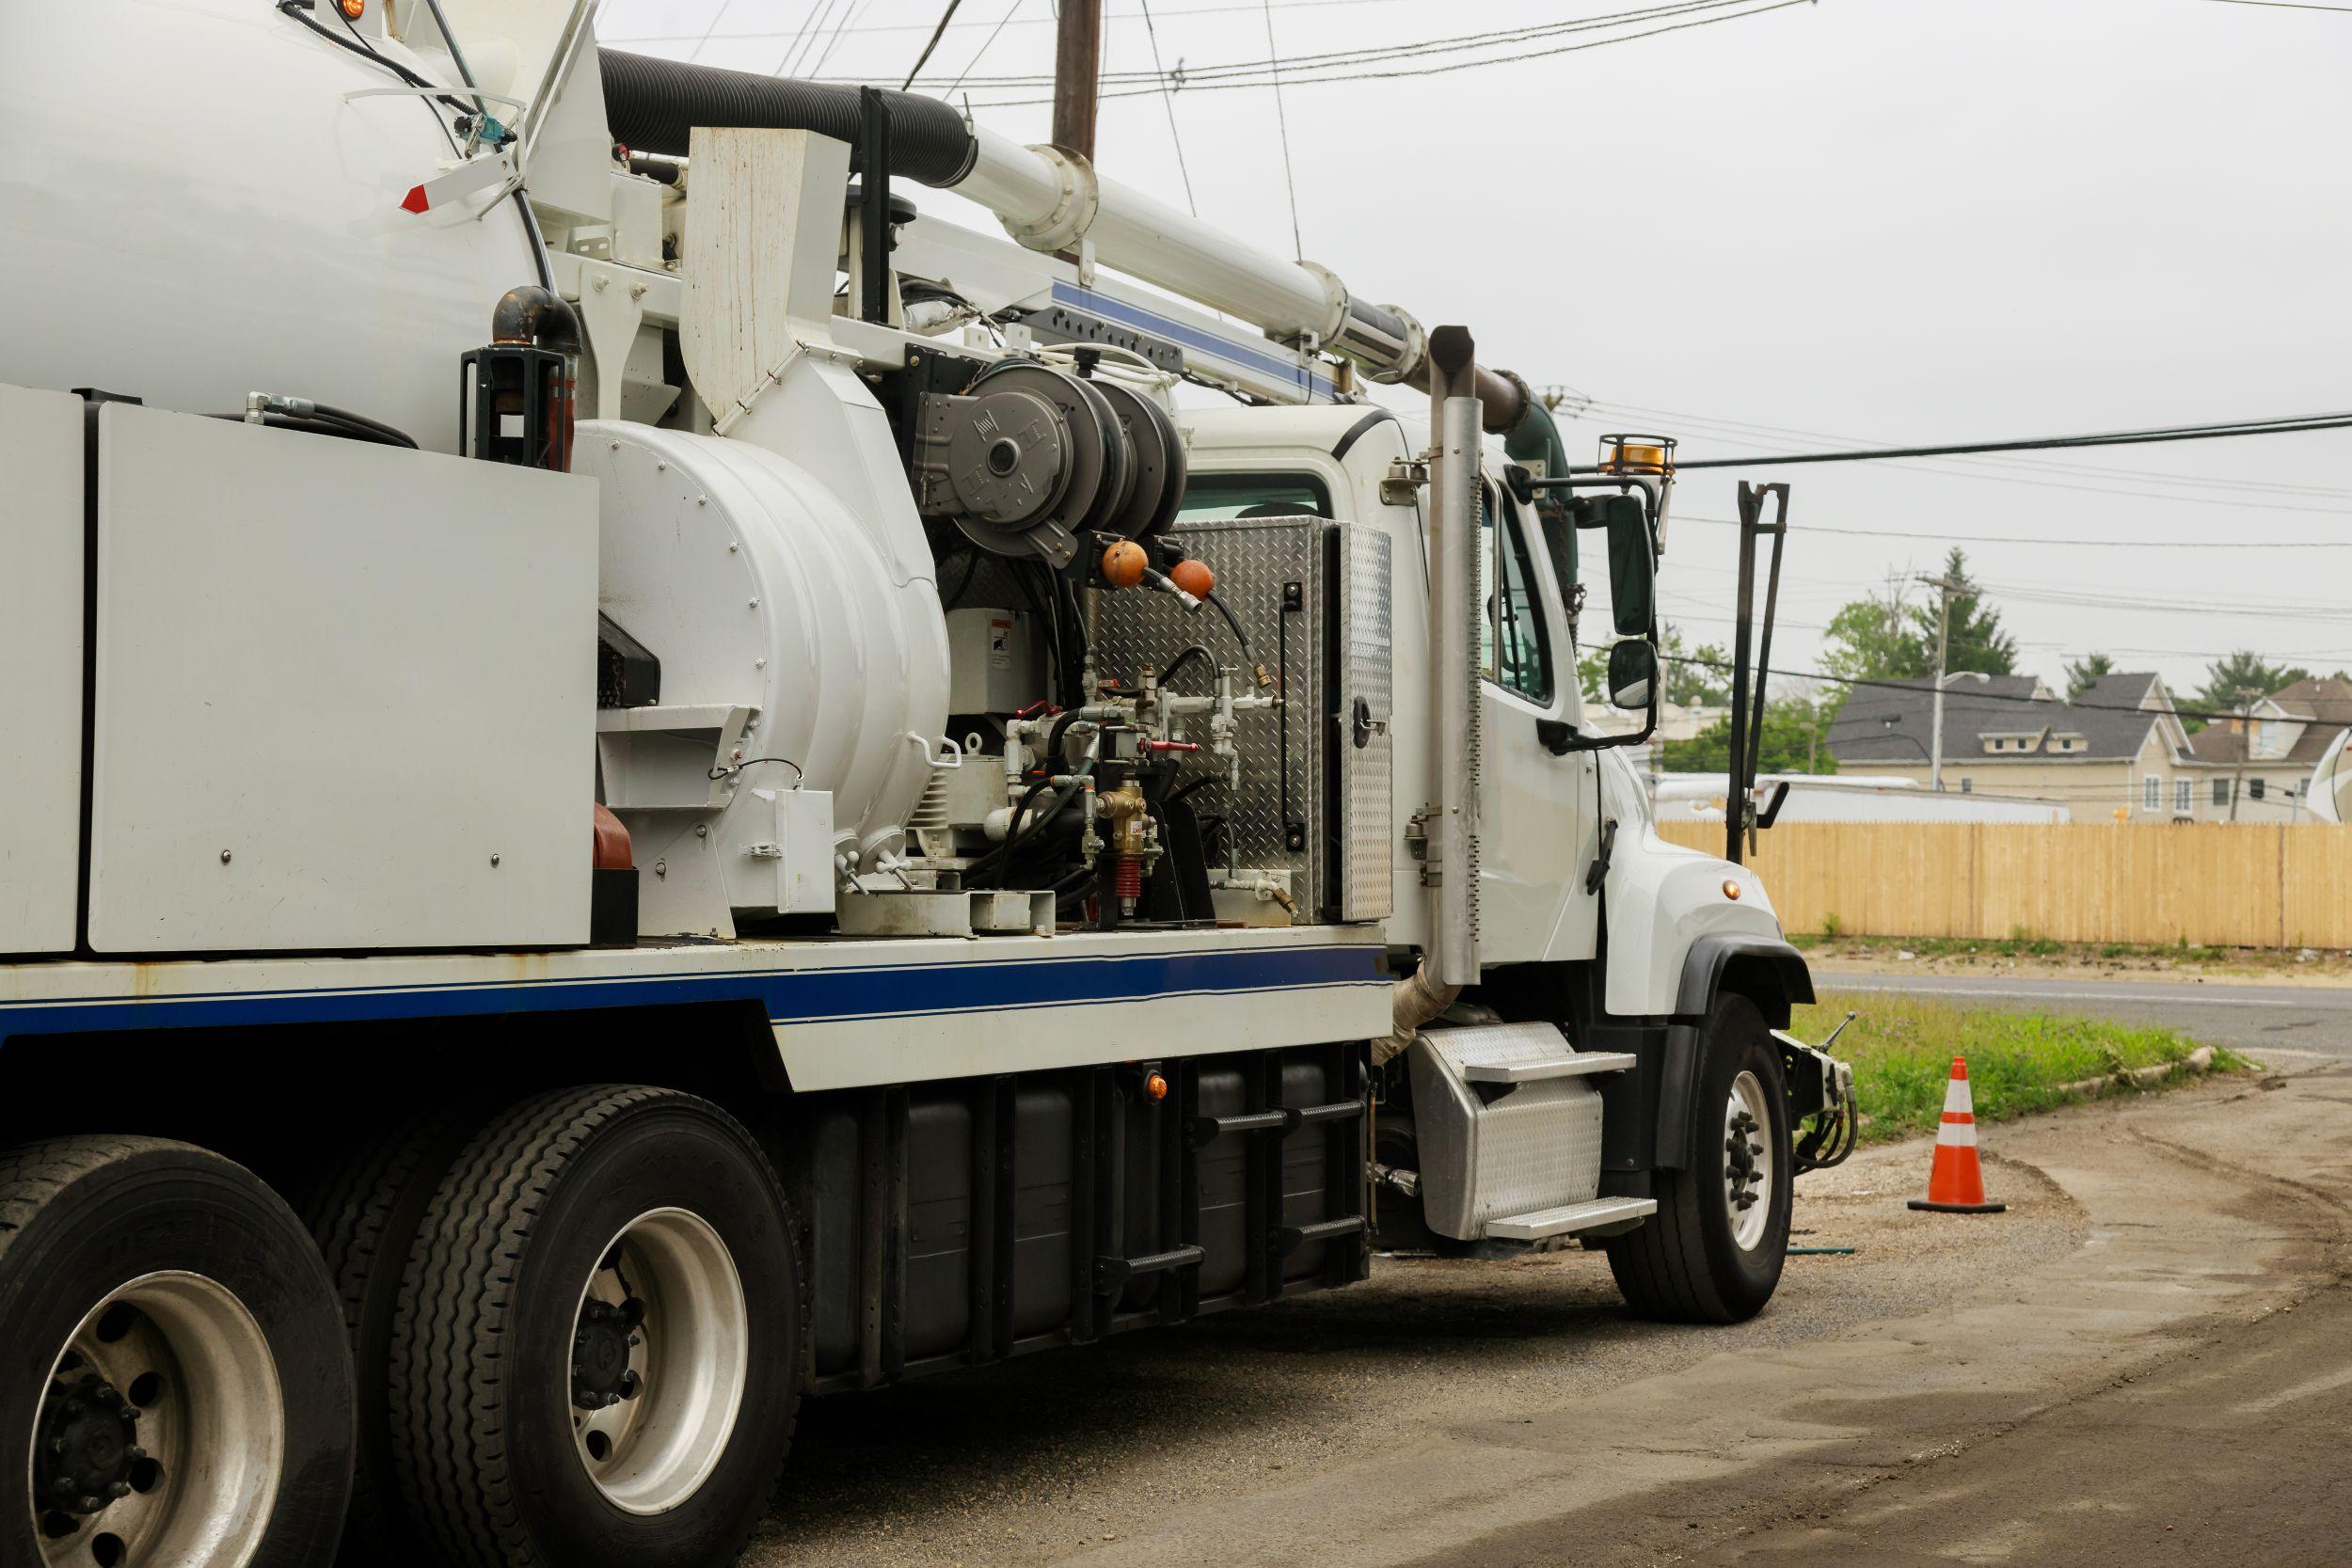 Isuzu FVZ 12Kl Water Truck